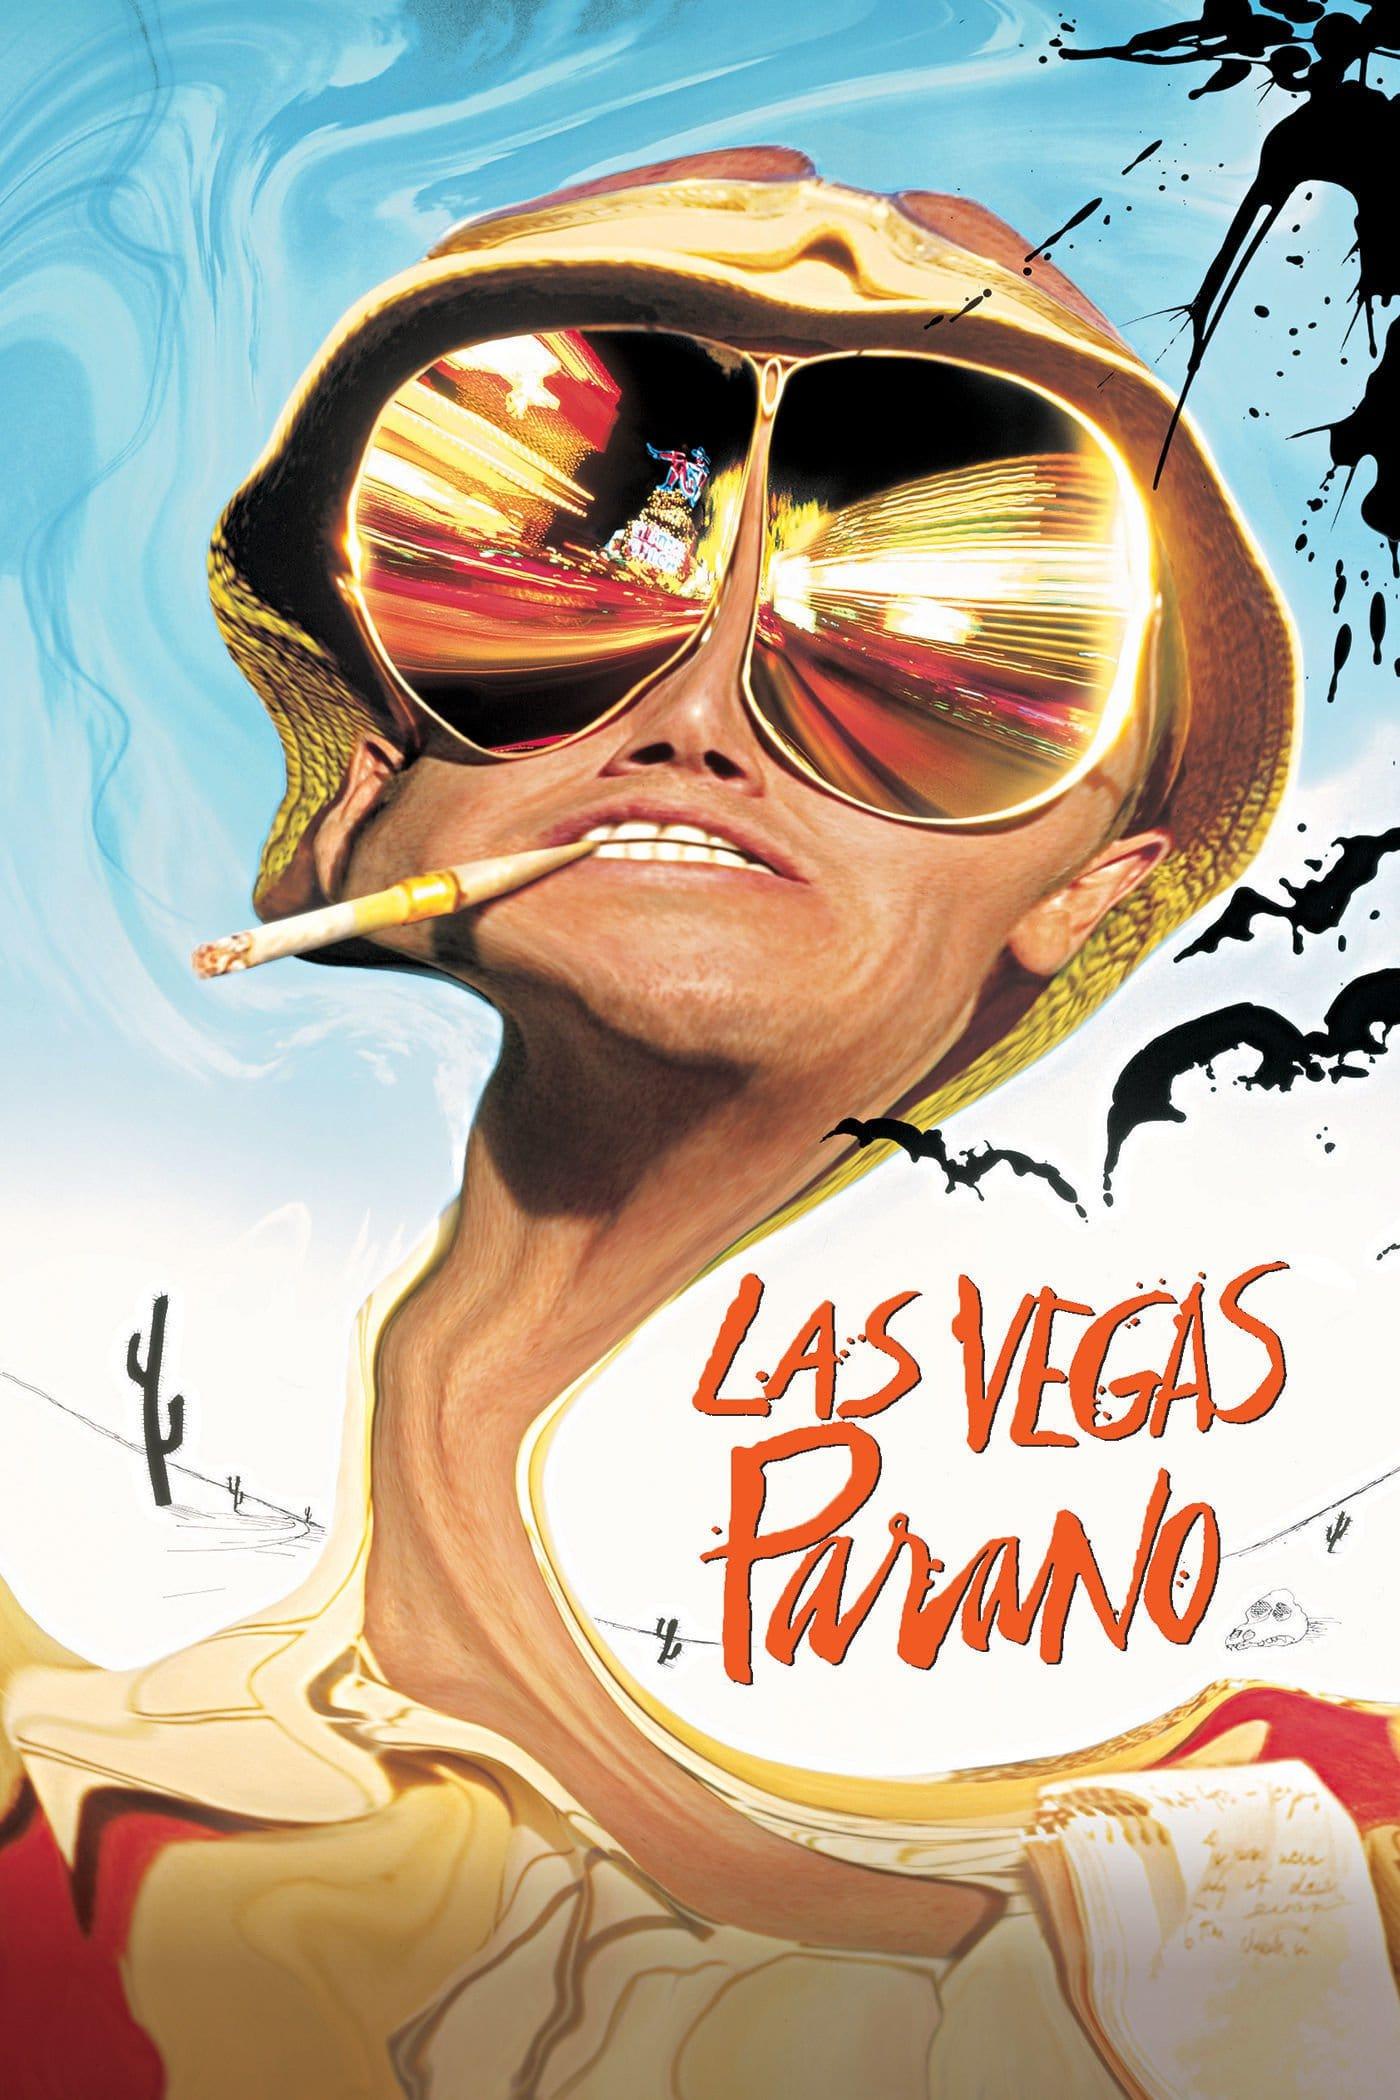 Las Vegas Parano